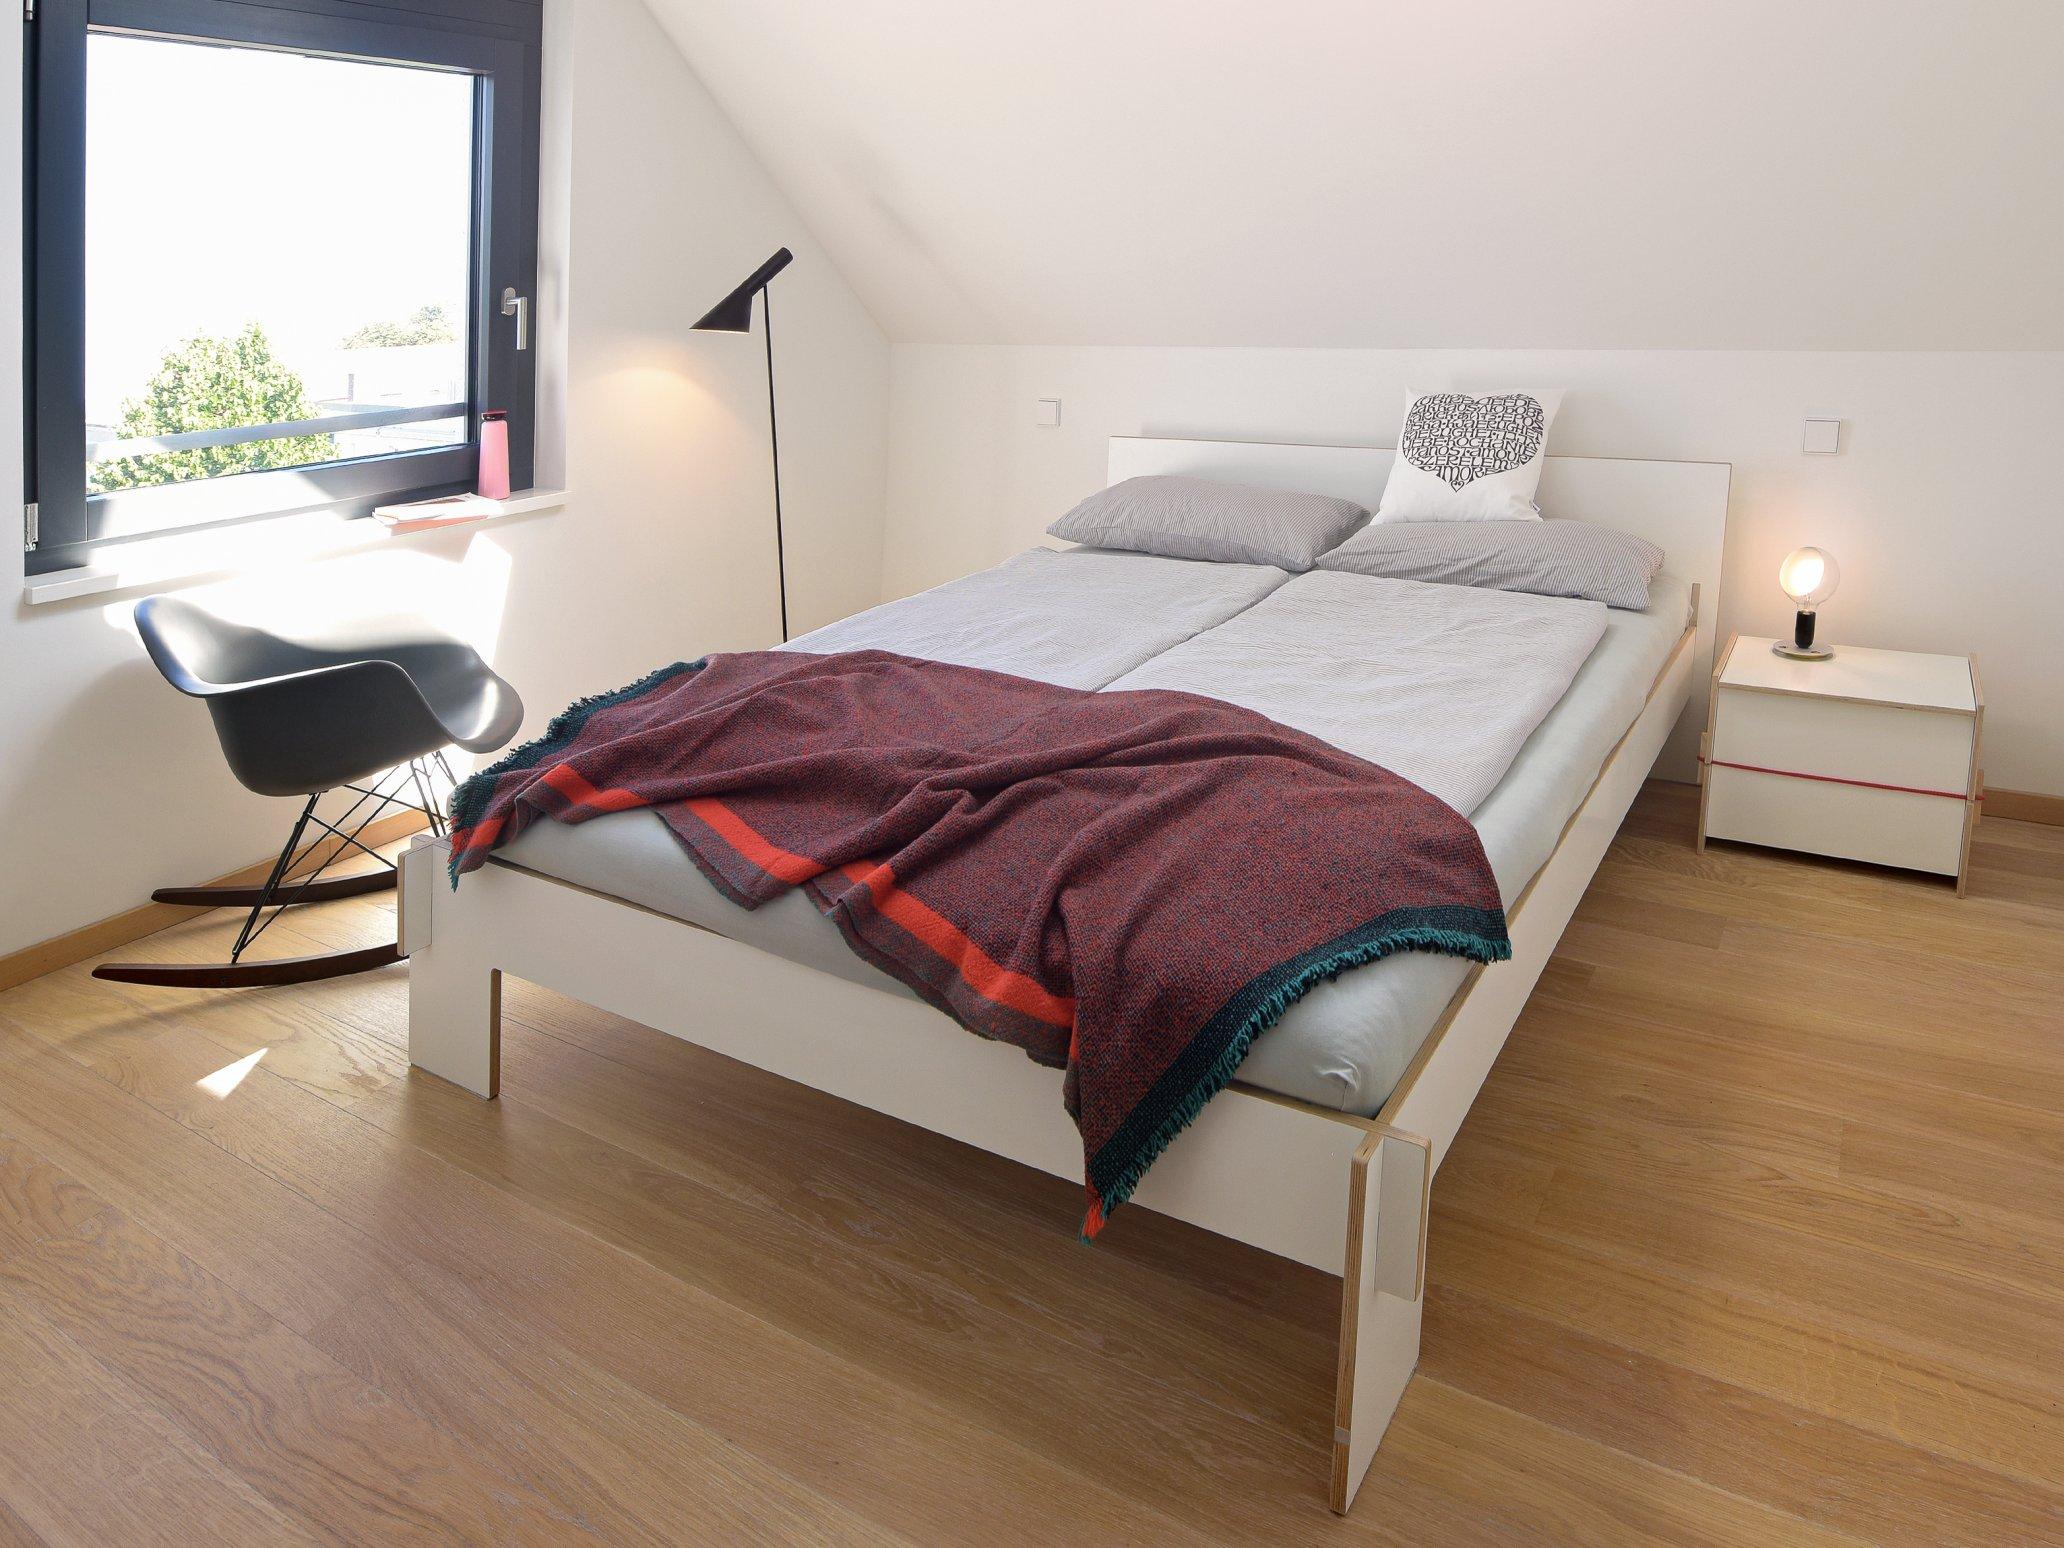 Schlafzimmereinrichtung, Stuttgart